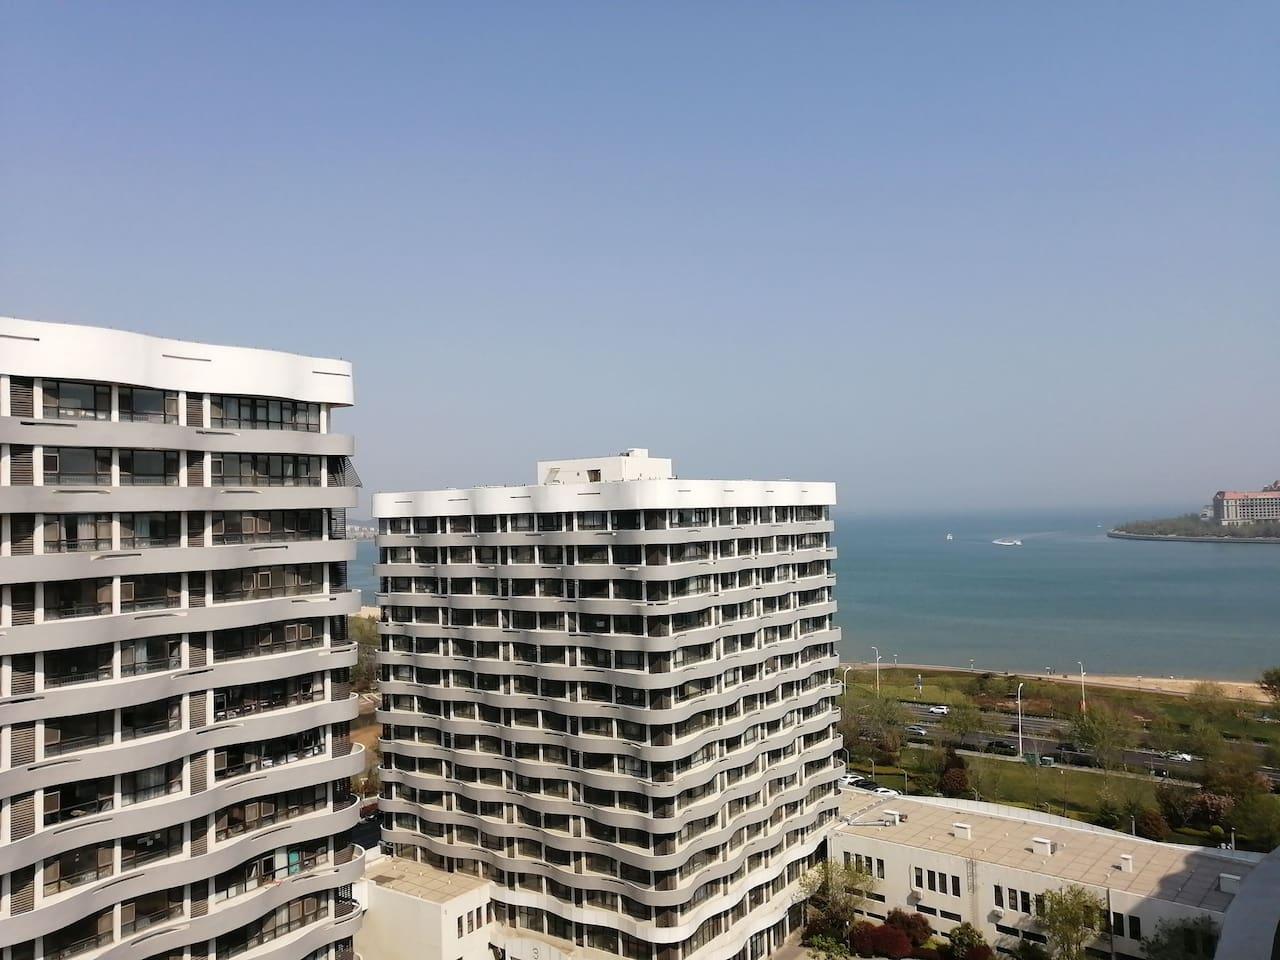 坐在公寓室内美丽海景尽收眼底…